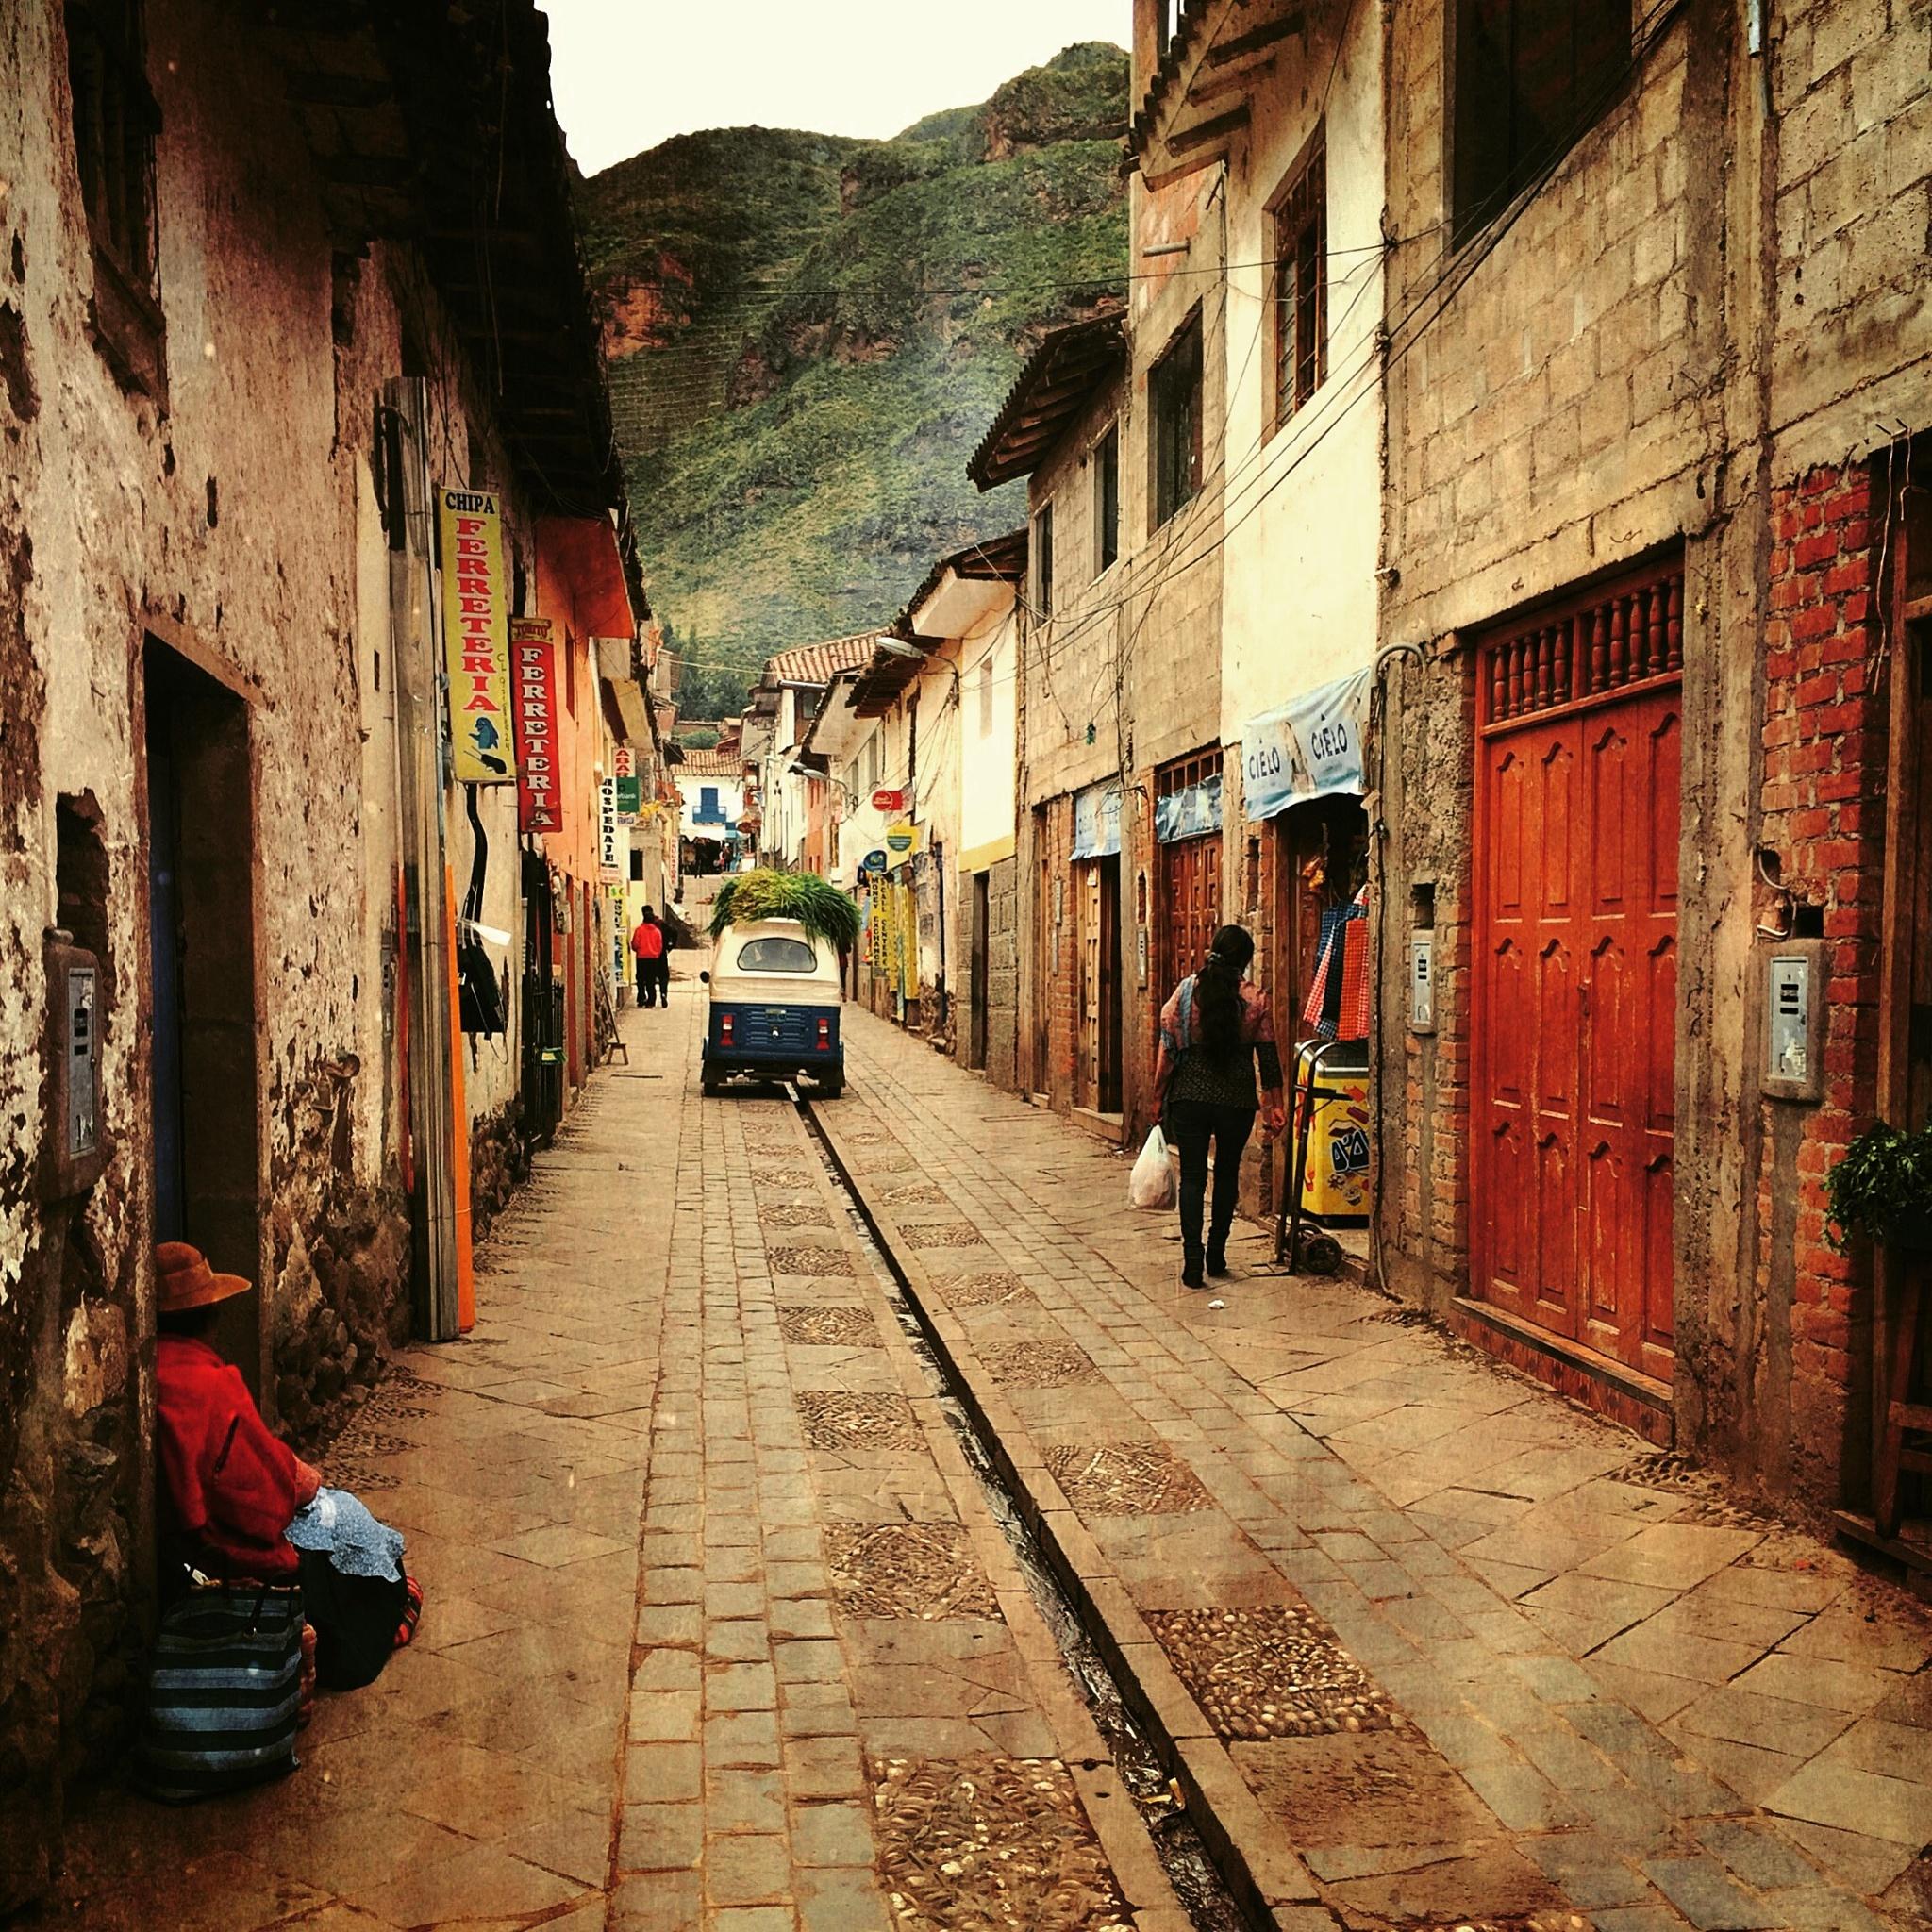 [•] calles de Pisac, Cusco, Perú  by [º] r e v e r s i d e _